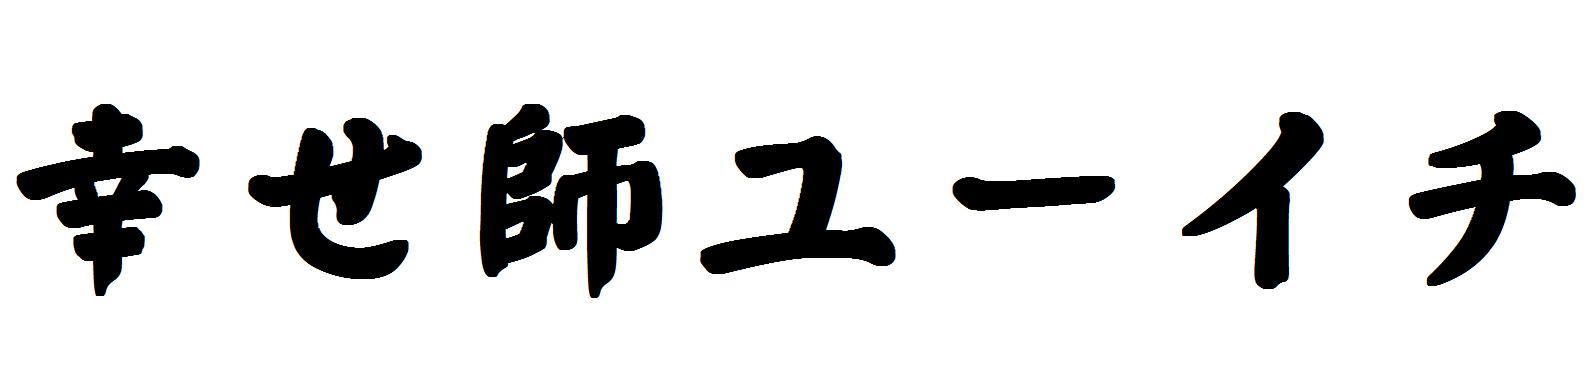 占い心理セラピスト幸せ師ユーイチ 長崎の浜の町で行列ができる口コミで評判の占い師